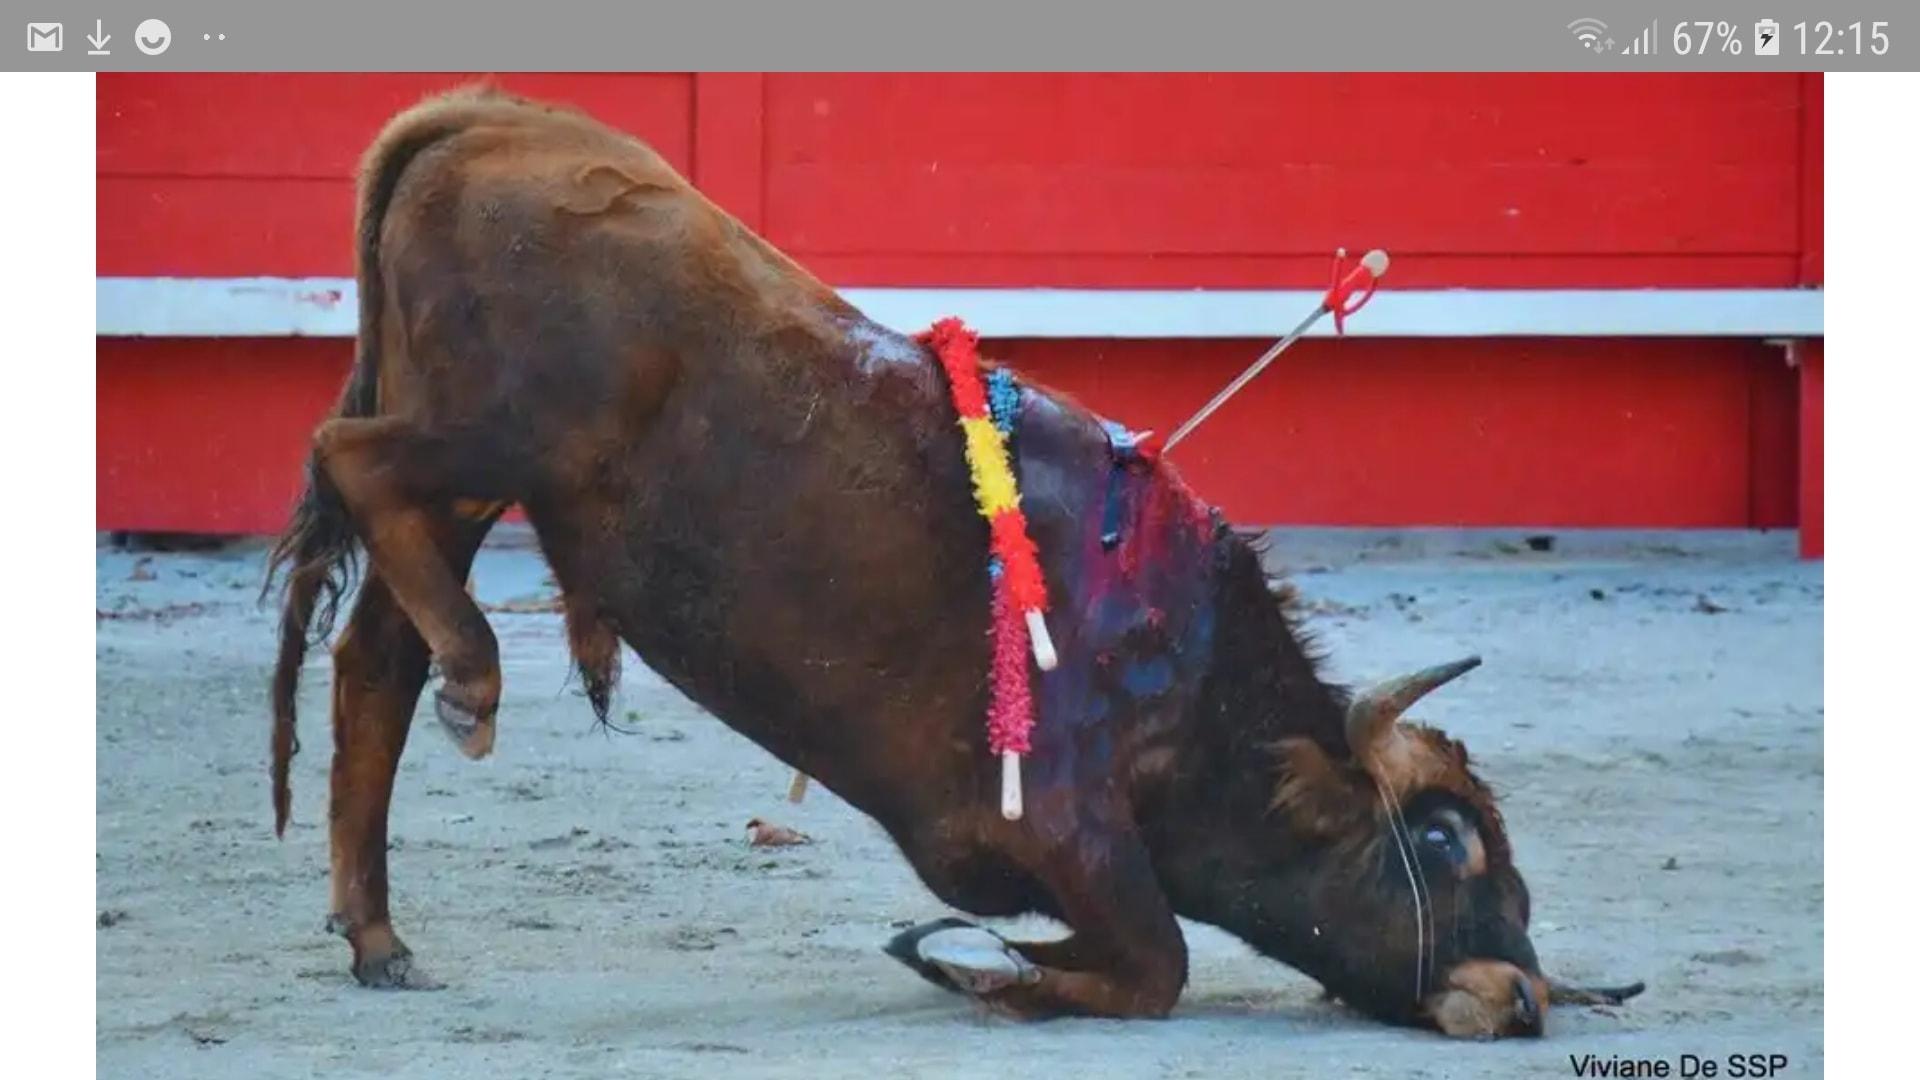 Η φρίκη στην Ισπανία συνεχίζεται